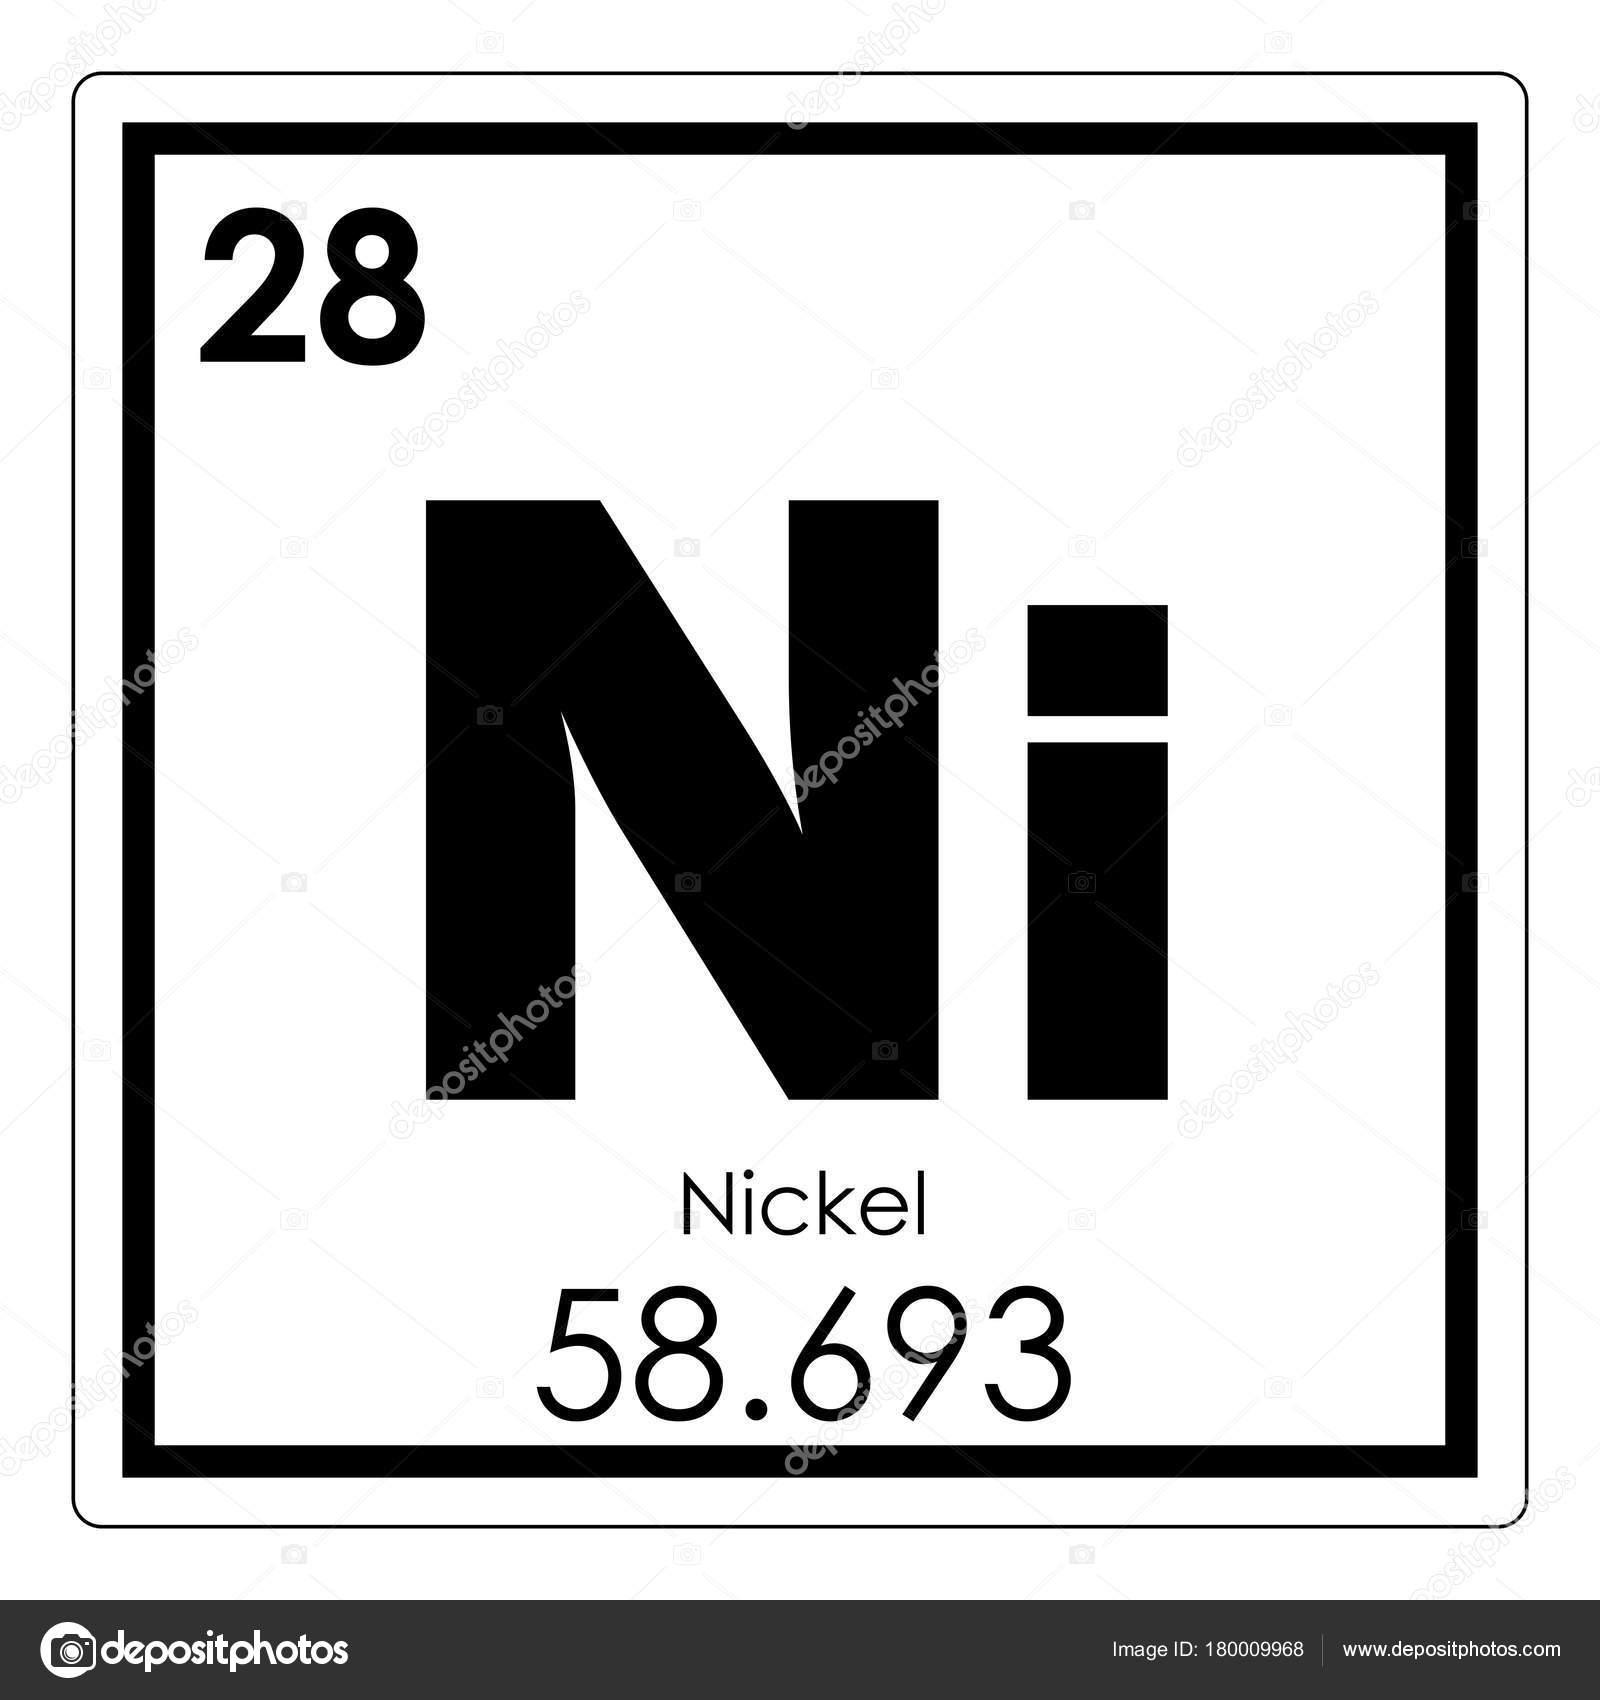 Elemento qumico de nquel foto de stock tony4urban 180009968 smbolo de ciencia de tabla peridica de elementos qumicos de nquel foto de tony4urban urtaz Images